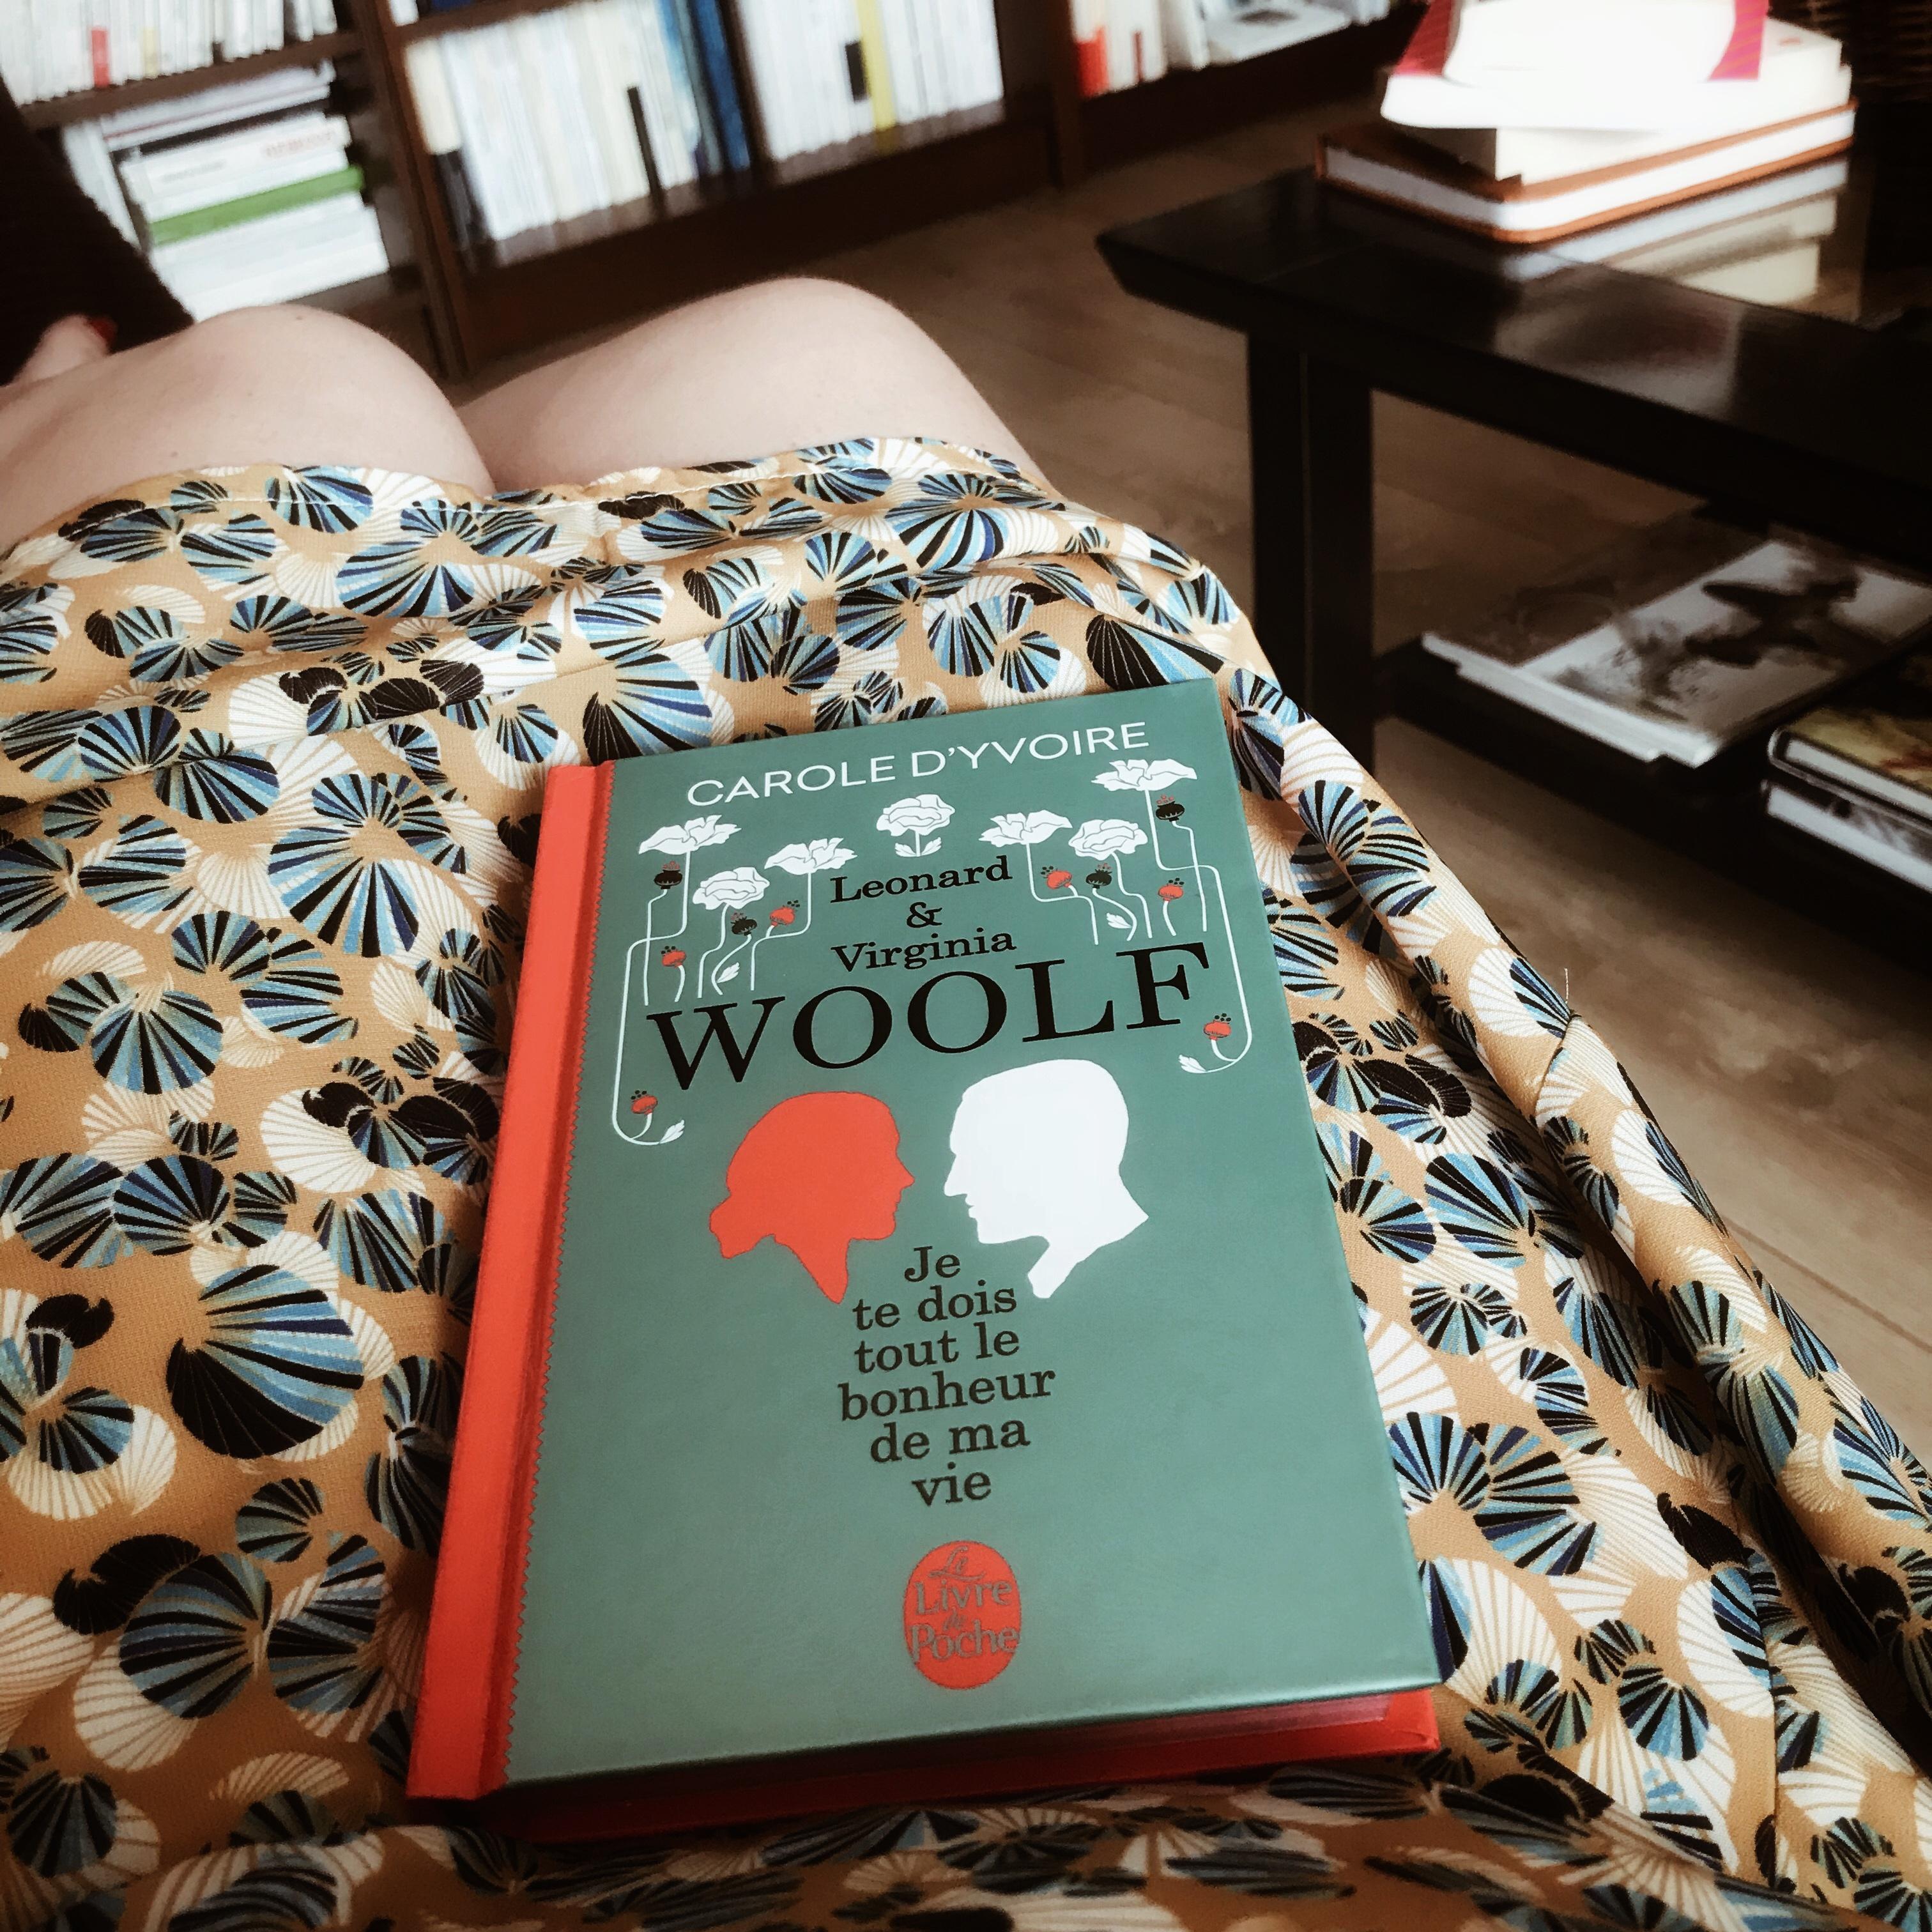 Leonard & Virginia Woolf. Je te dois tout le bonheur de ma vie, de Carole d'Yvoire